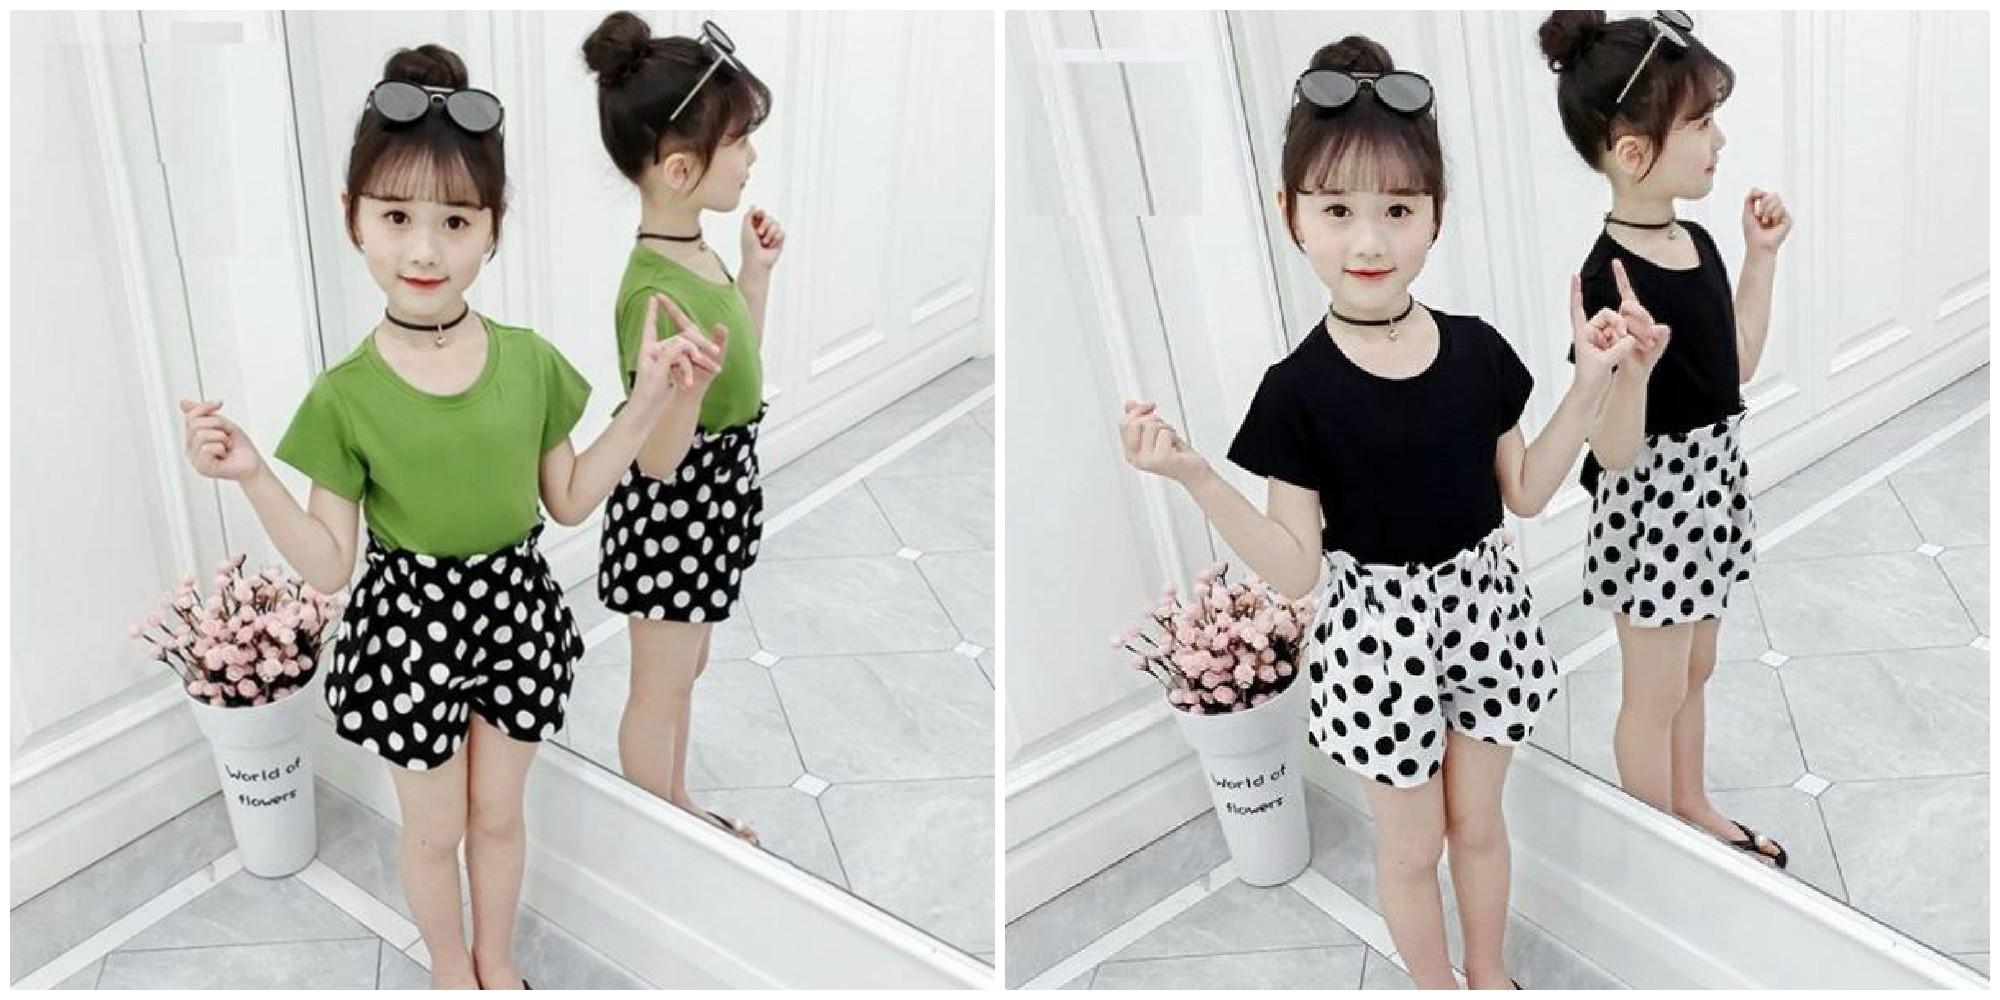 Set bộ quần áo mẫu quần chấm bi dành cho bé gái 1-5 tuổi thiết kế hợp thời trang, màu sắc tươi sáng